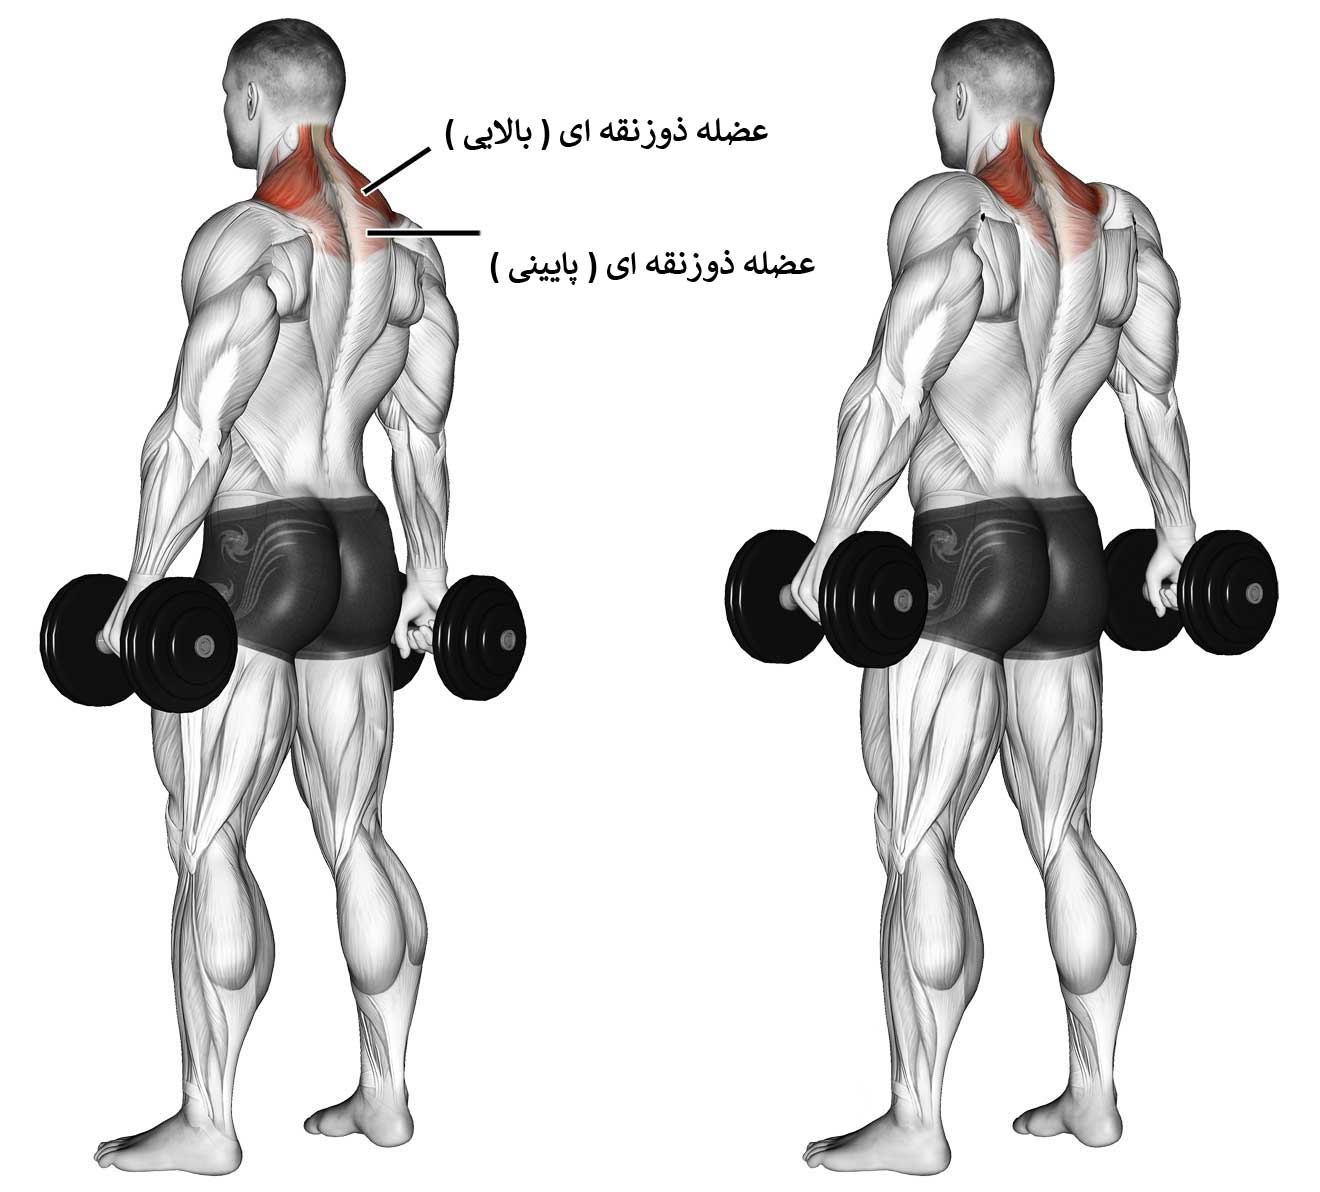 آناتومی بدن در حرکت شراگ دمبل